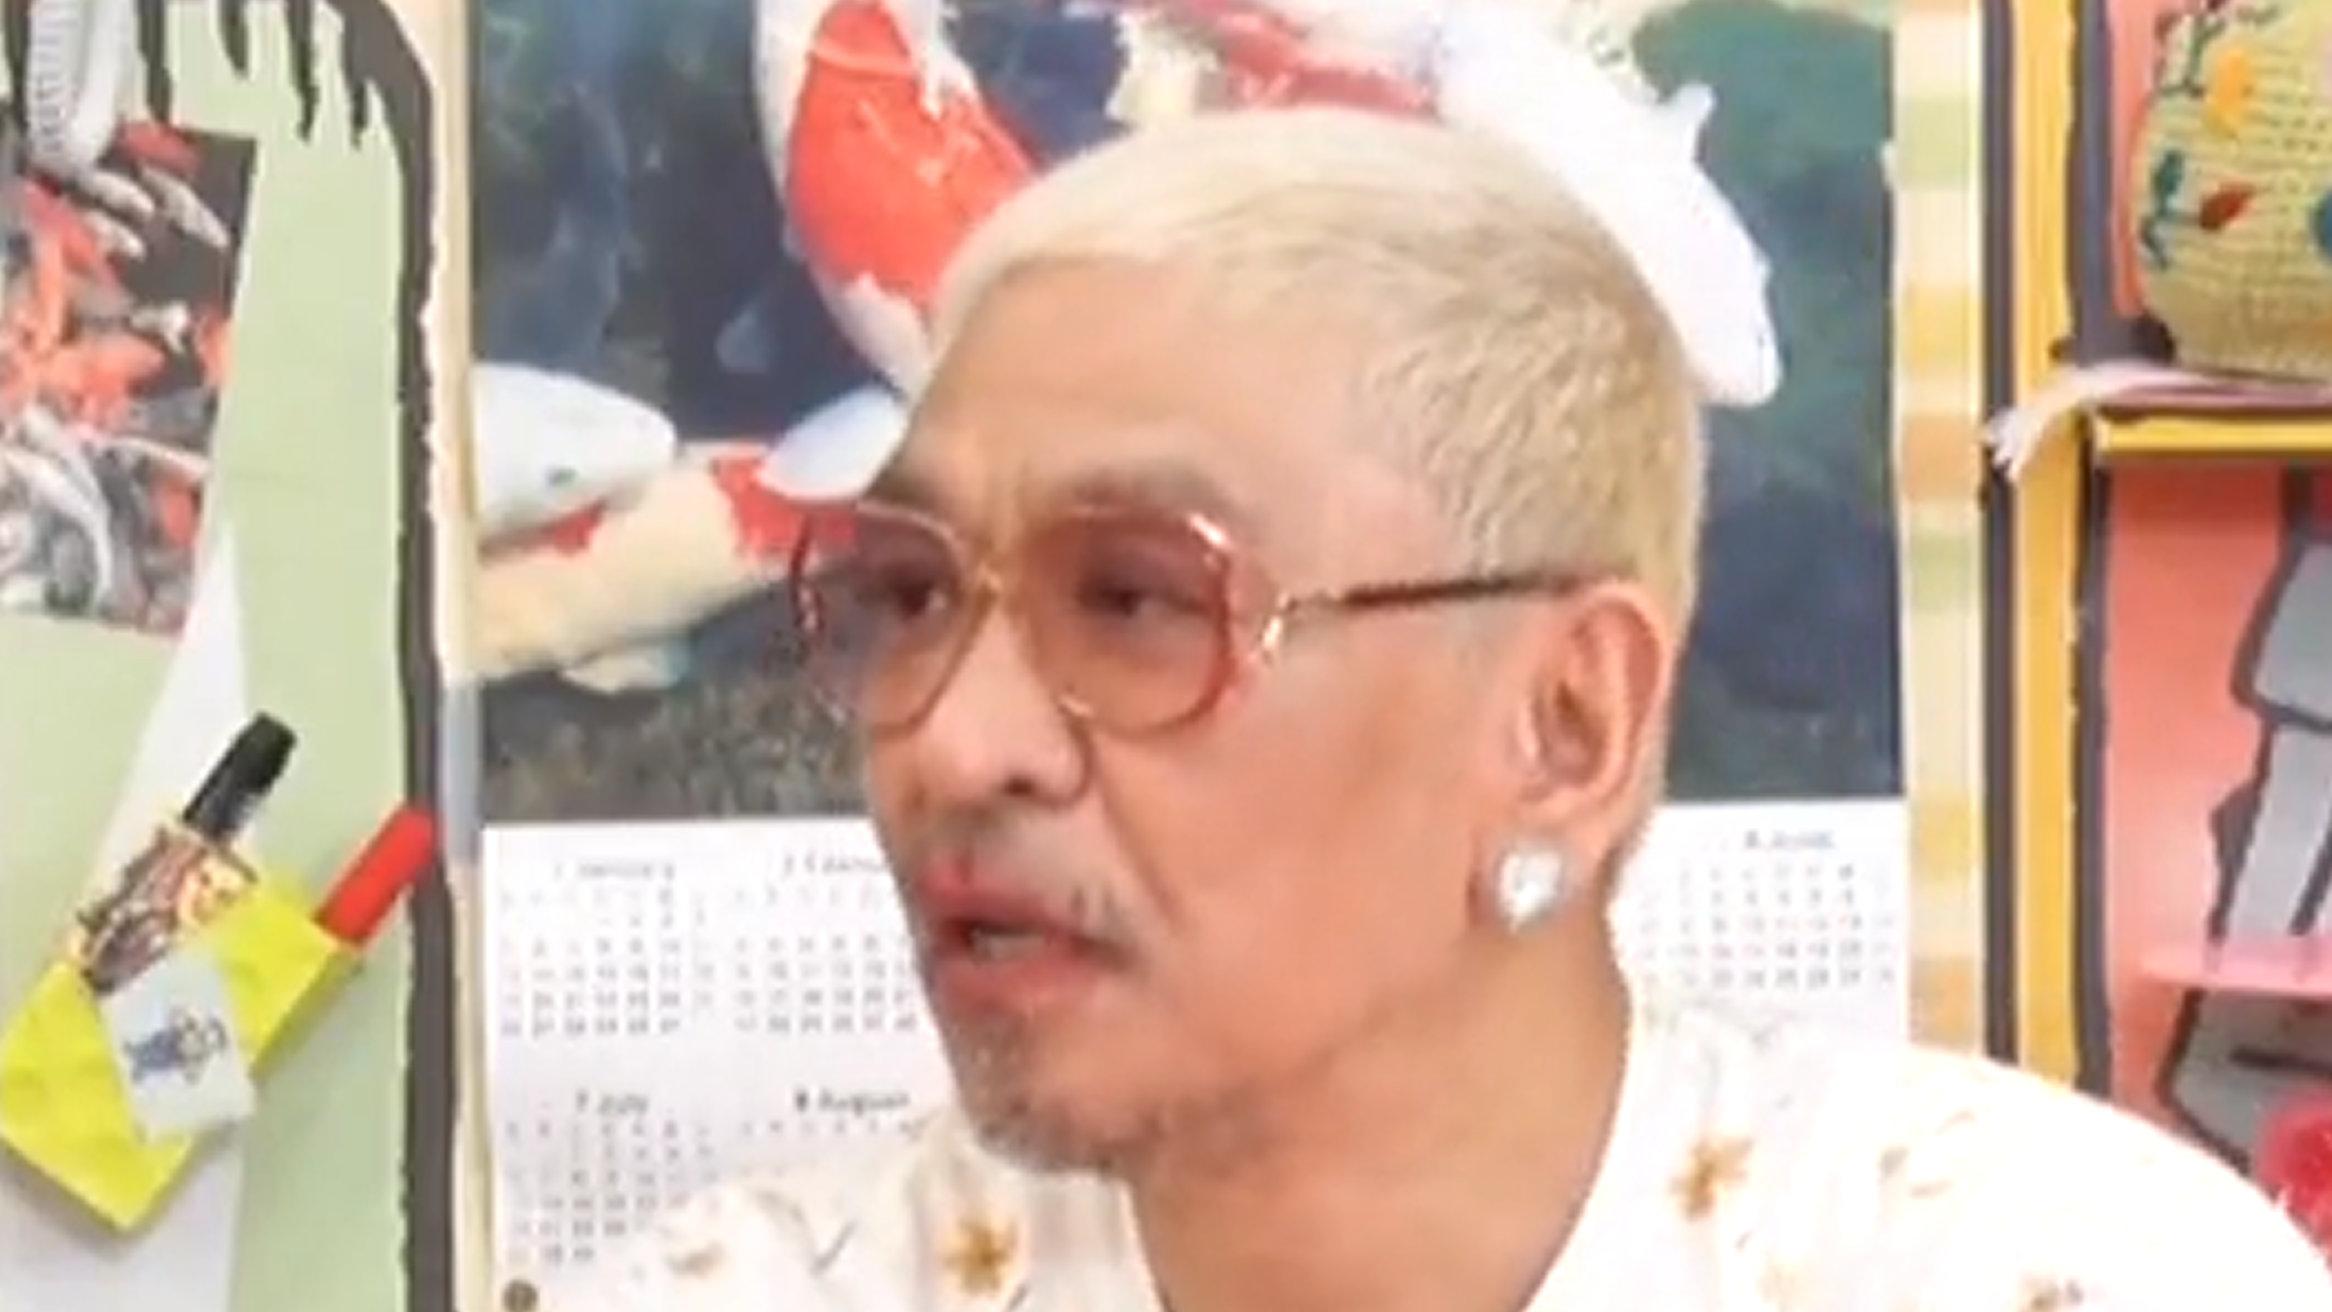 松本人志さん、スマホゲーム1945。2800円の課金